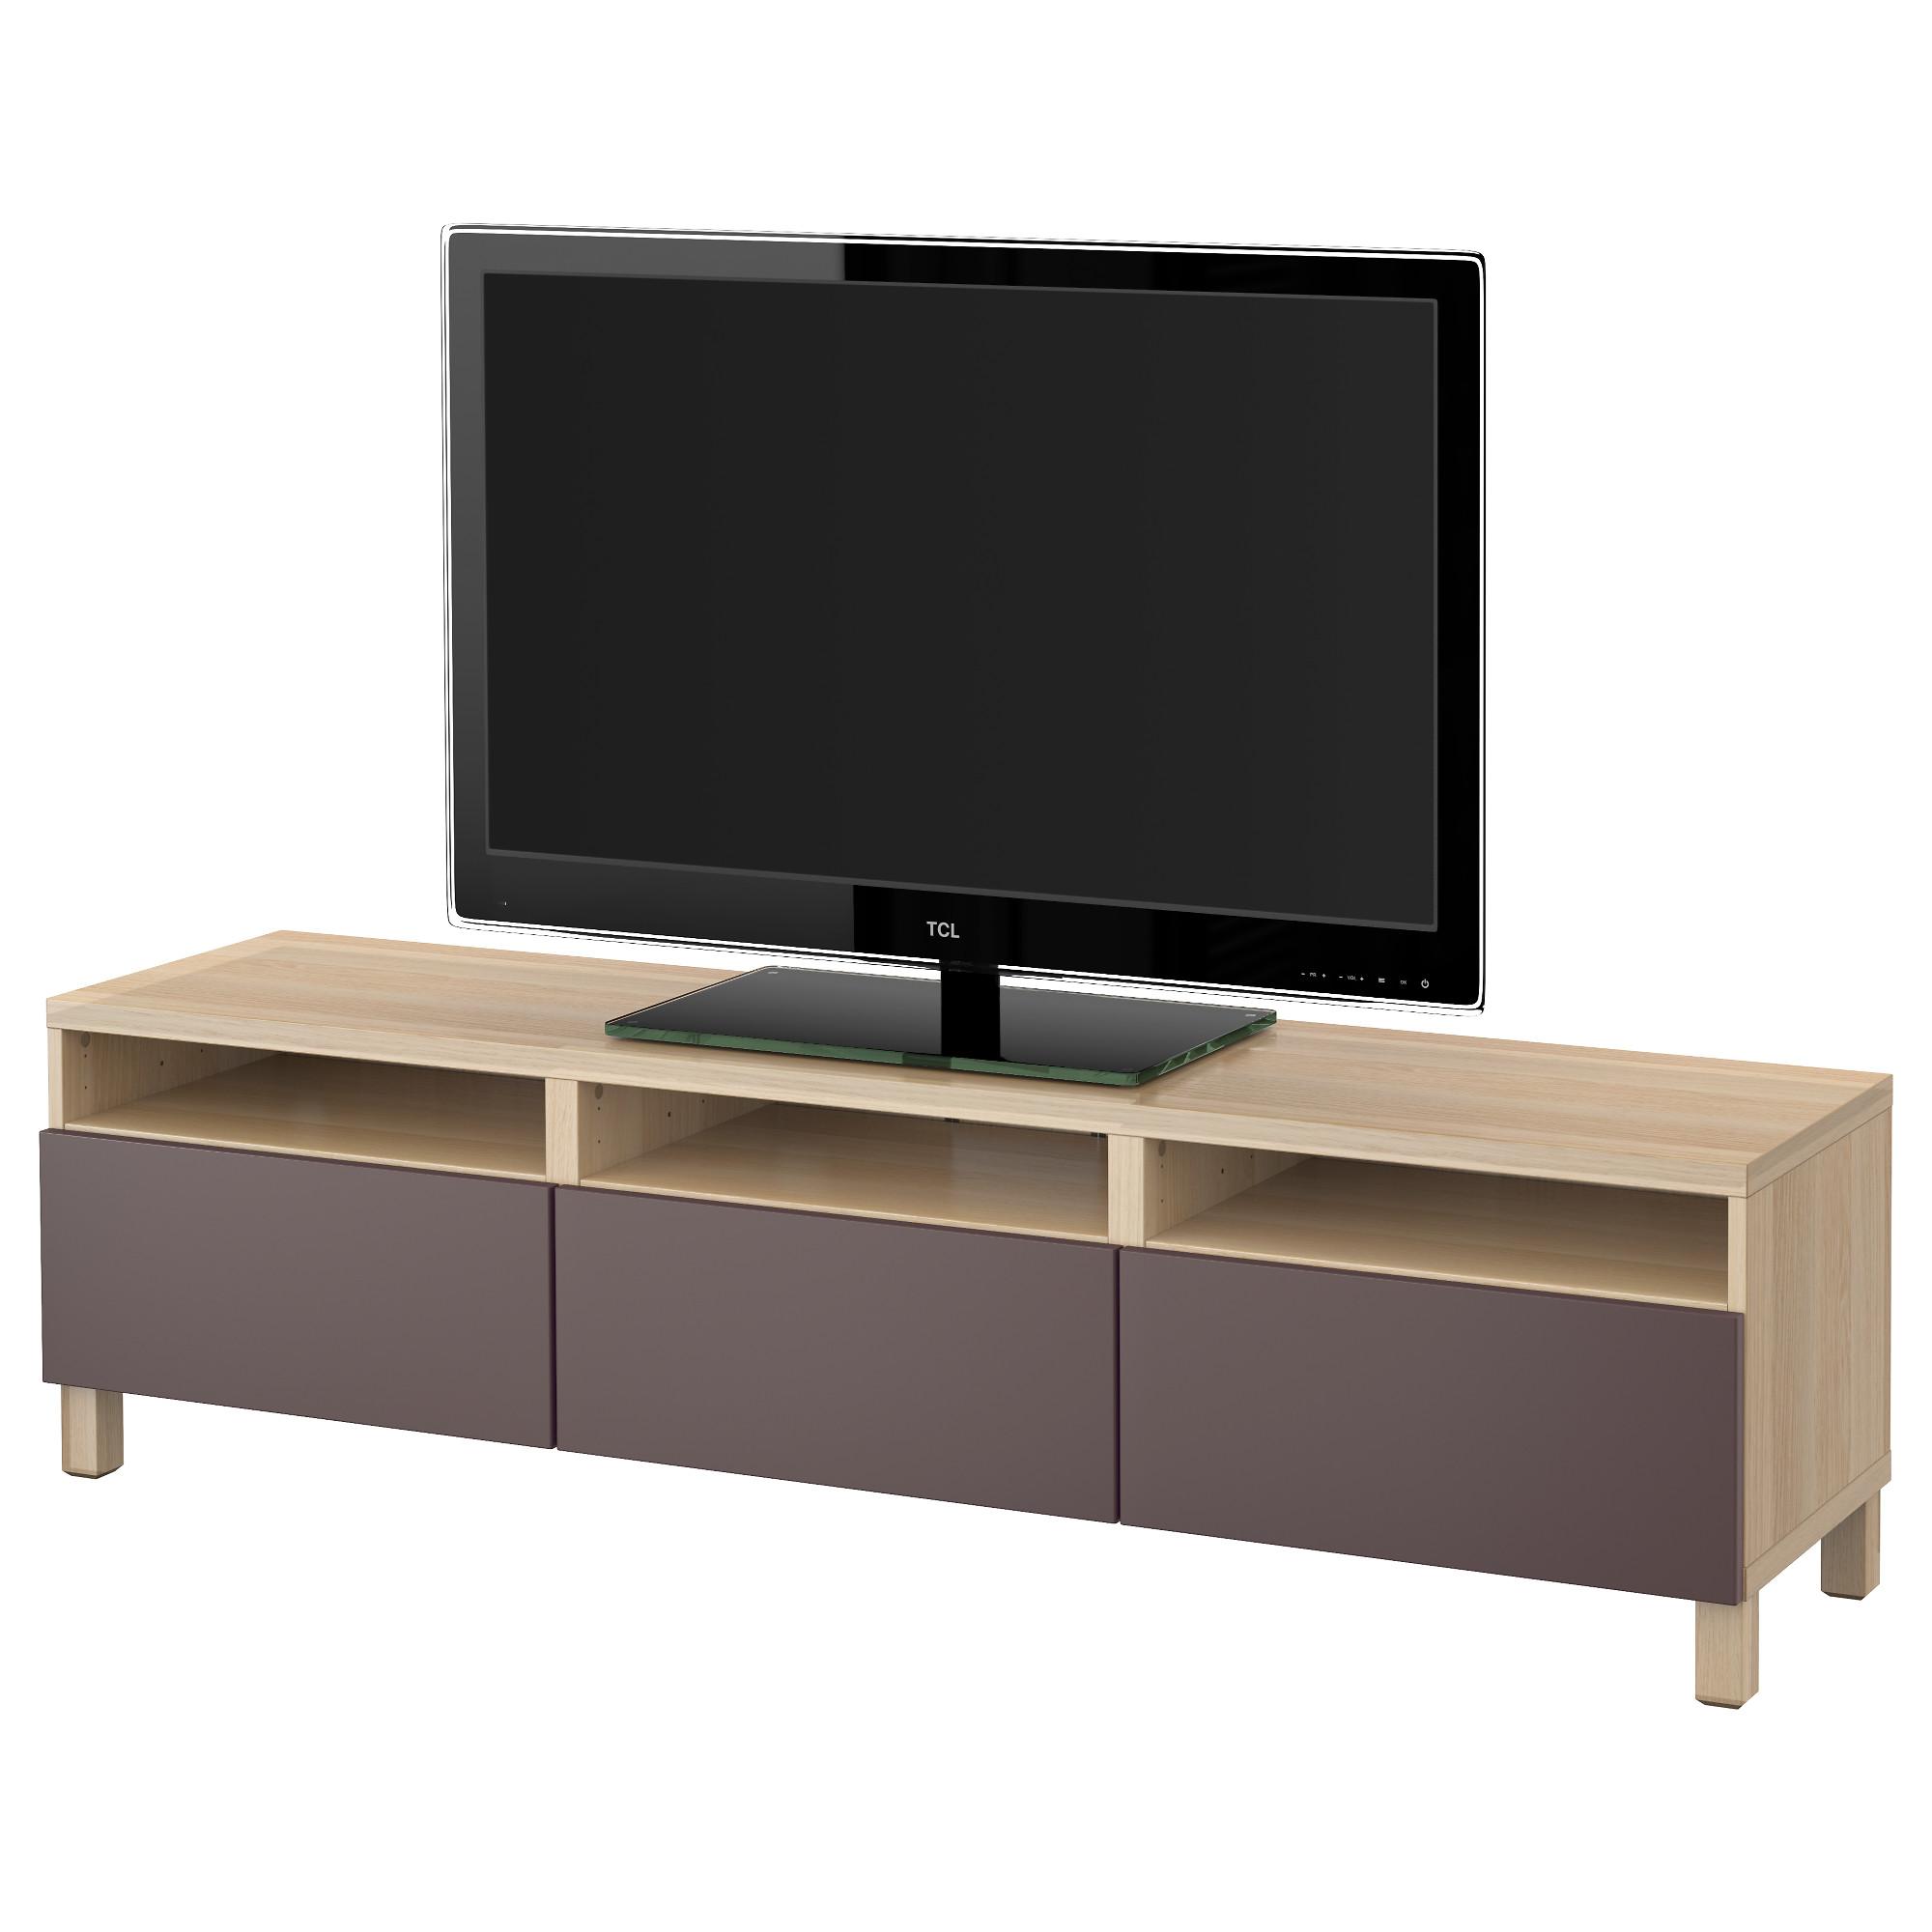 Тумба для ТВ с ящиками БЕСТО темно-коричневый артикуль № 991.395.93 в наличии. Online каталог IKEA Минск. Быстрая доставка и установка.